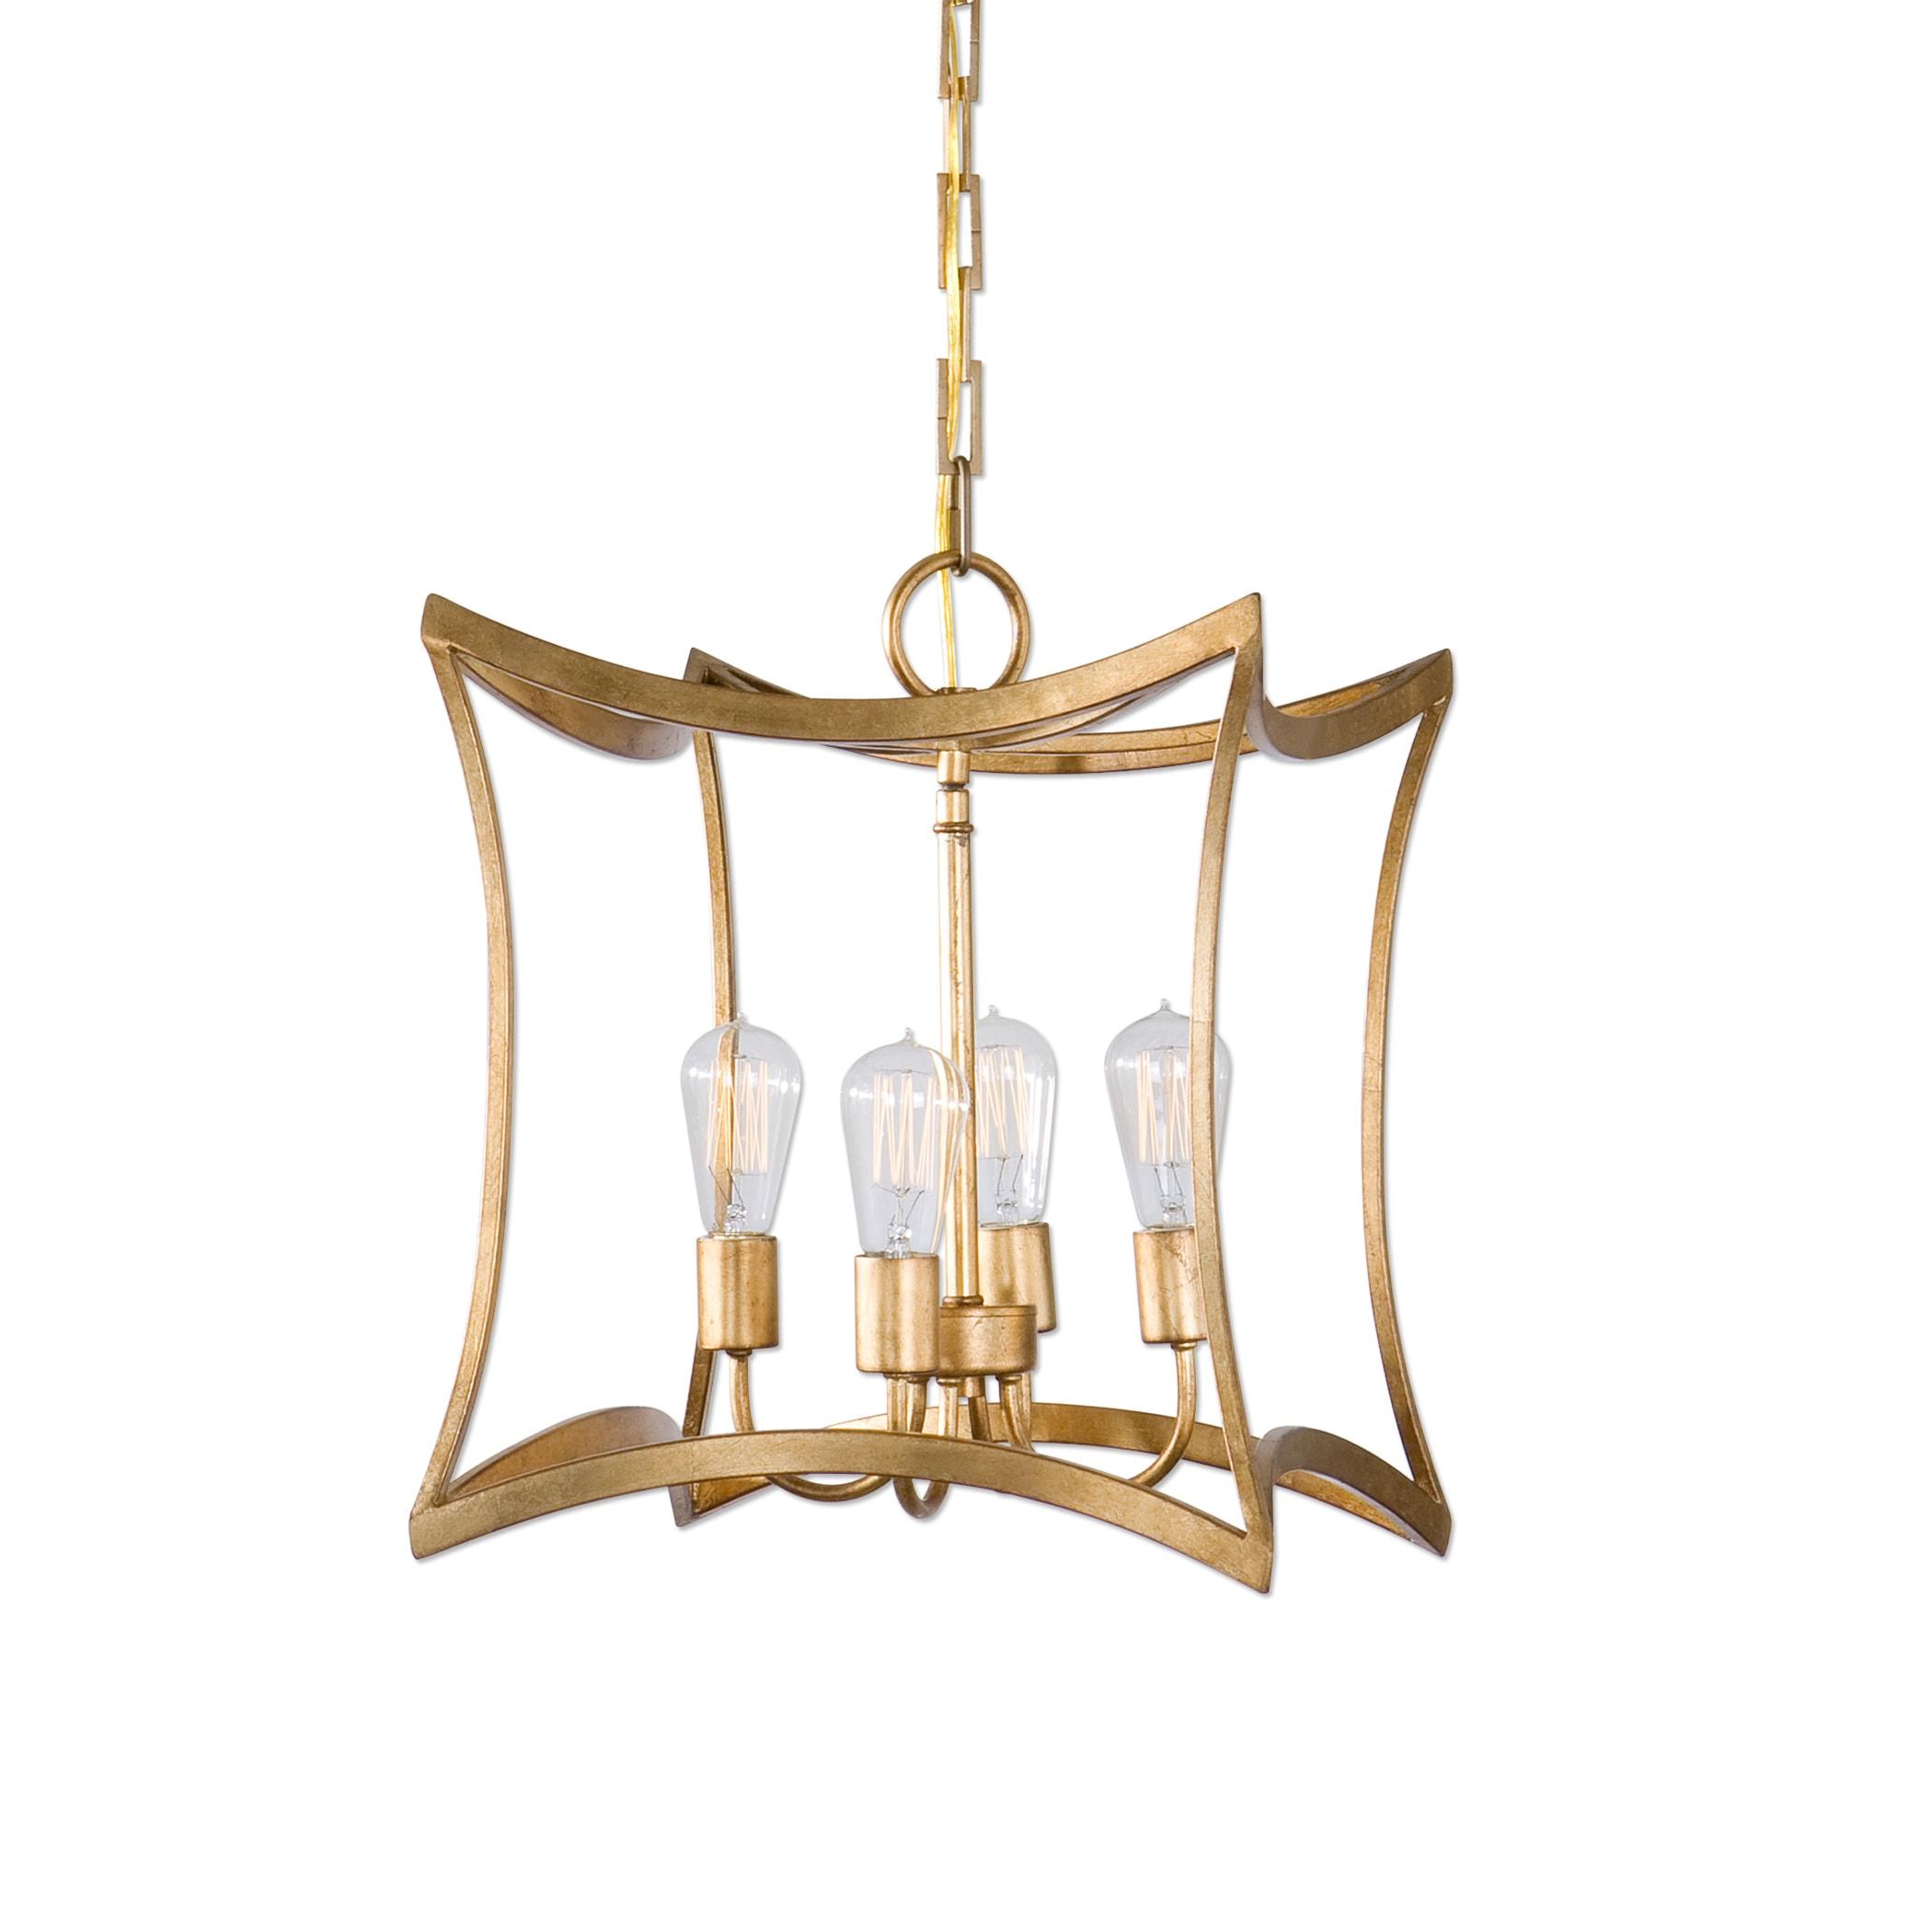 uttermost lighting pendant uttermost vitalia uttermost lighting fixturesdore light lantern pendant fixtures 22074 dore